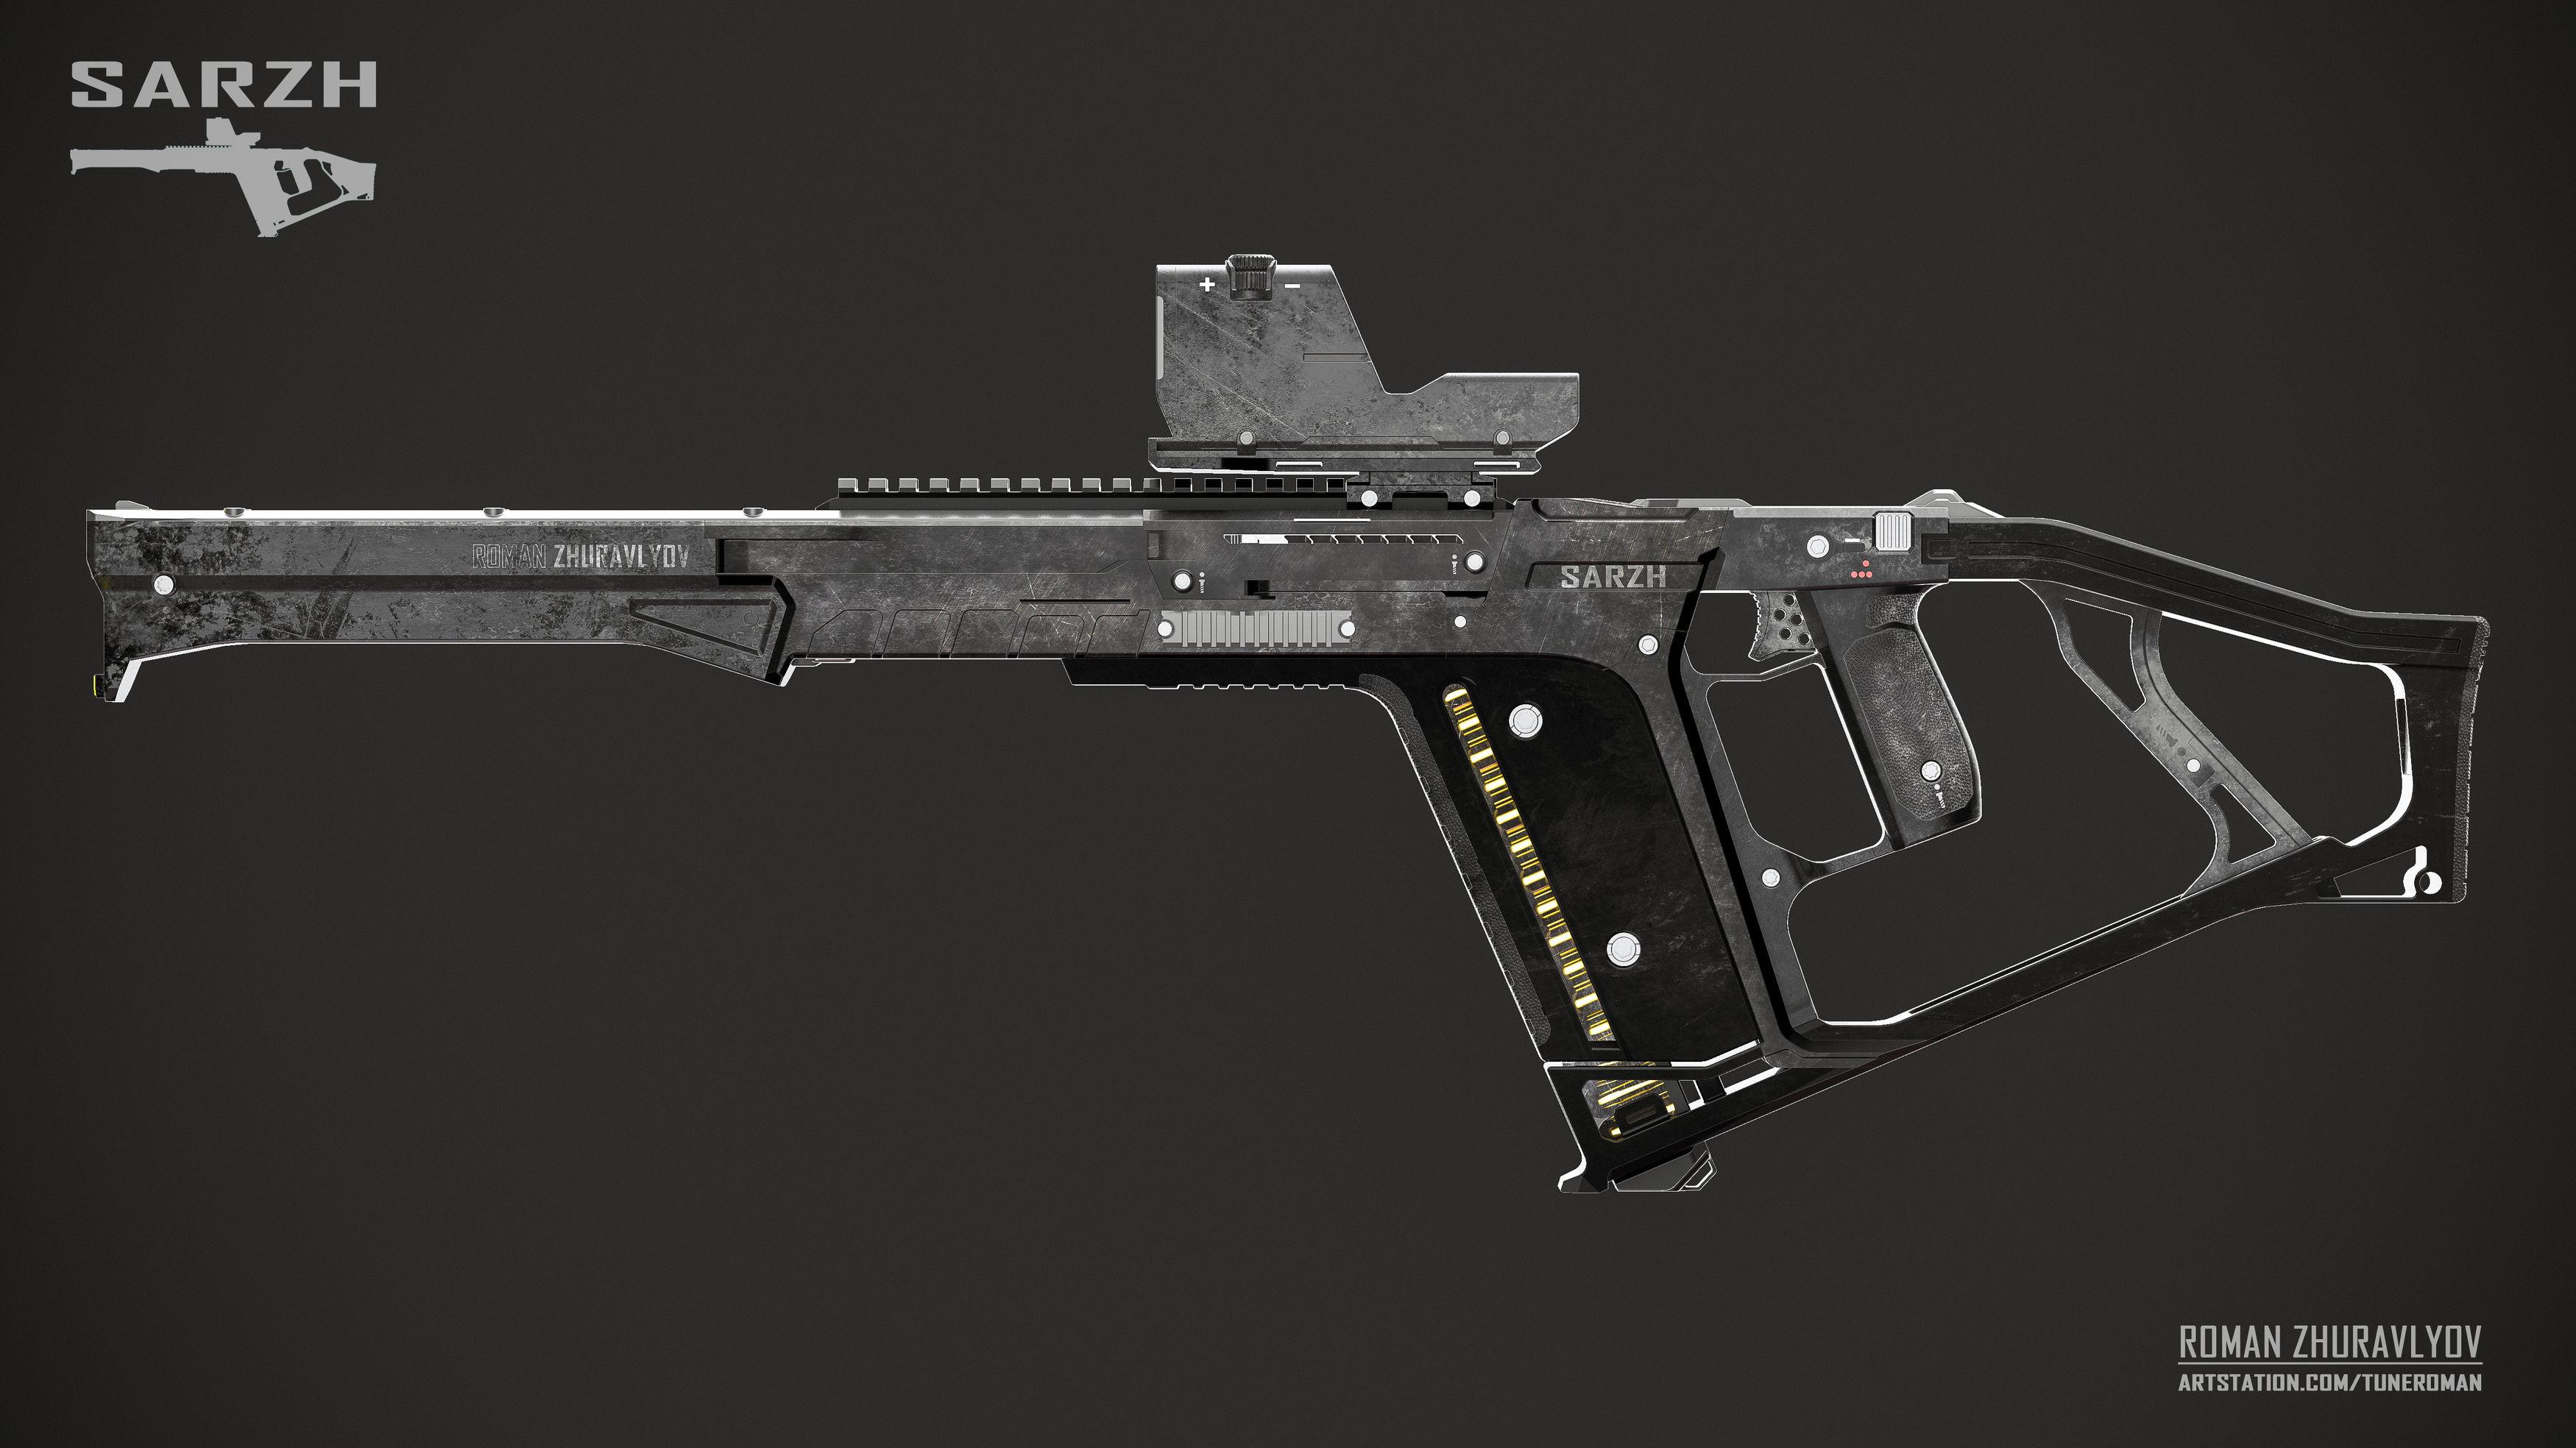 Sarzh-6-4k-3500-3500